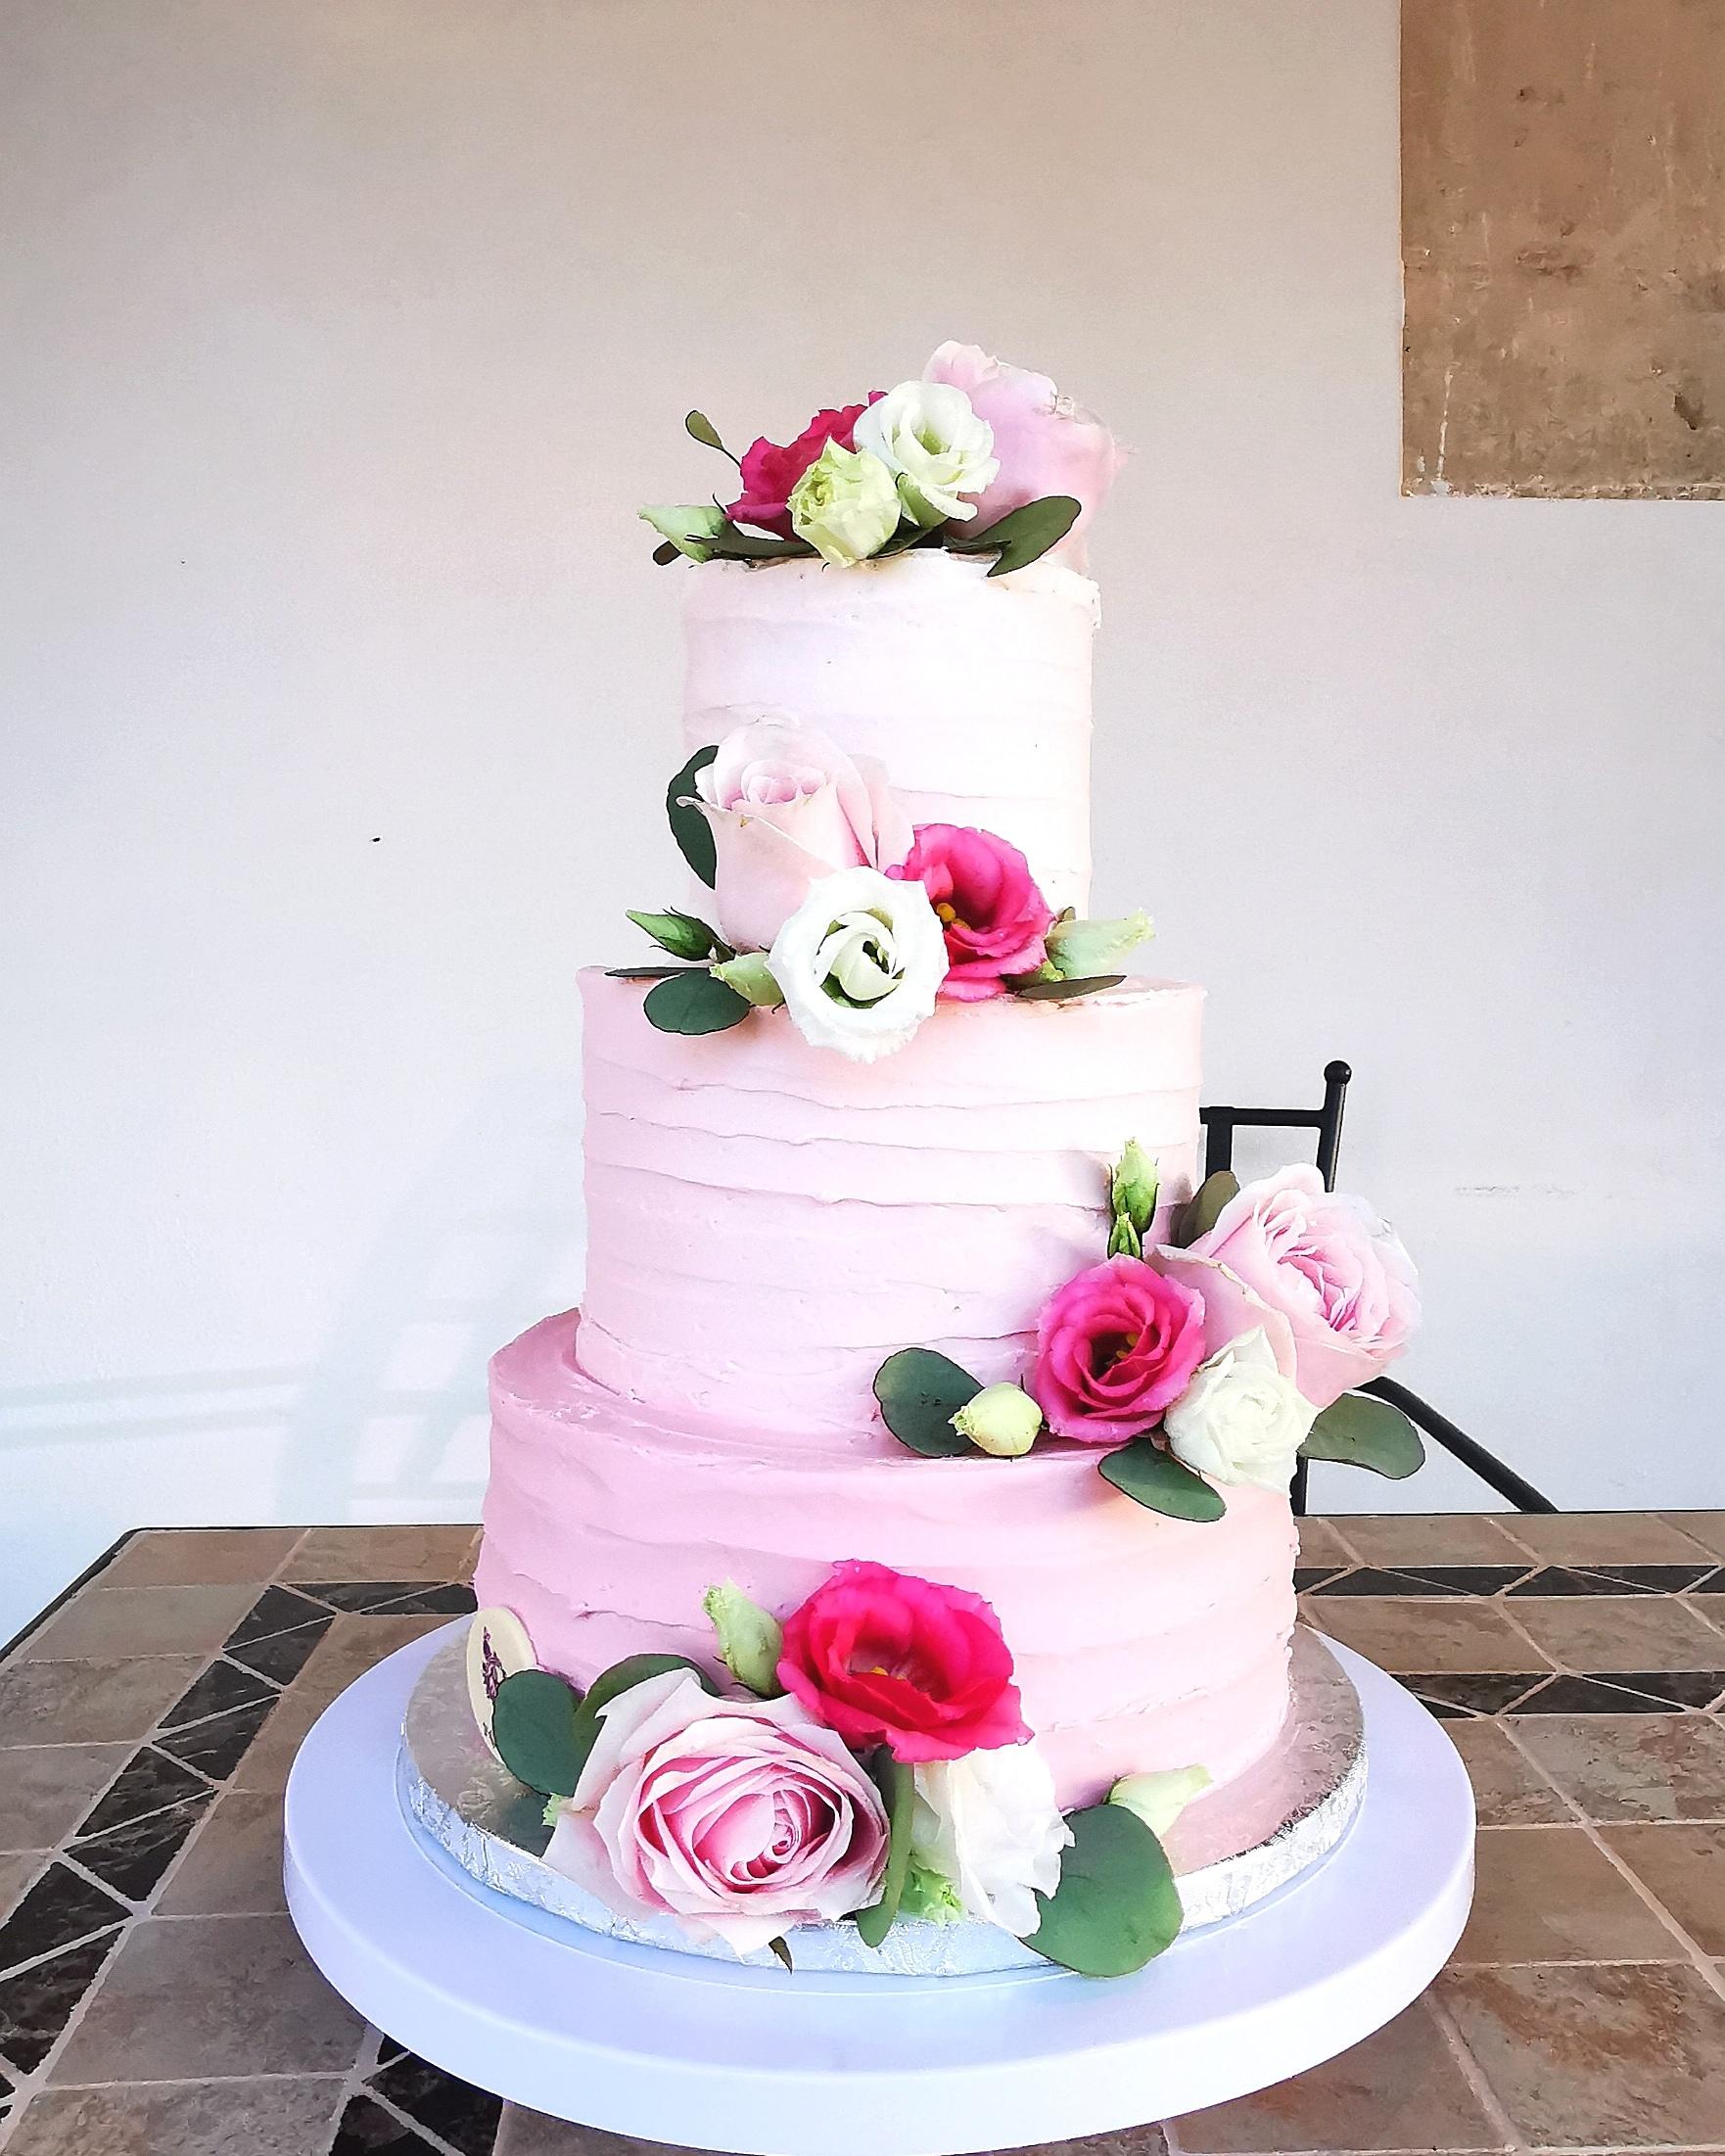 Kathi's Cakes